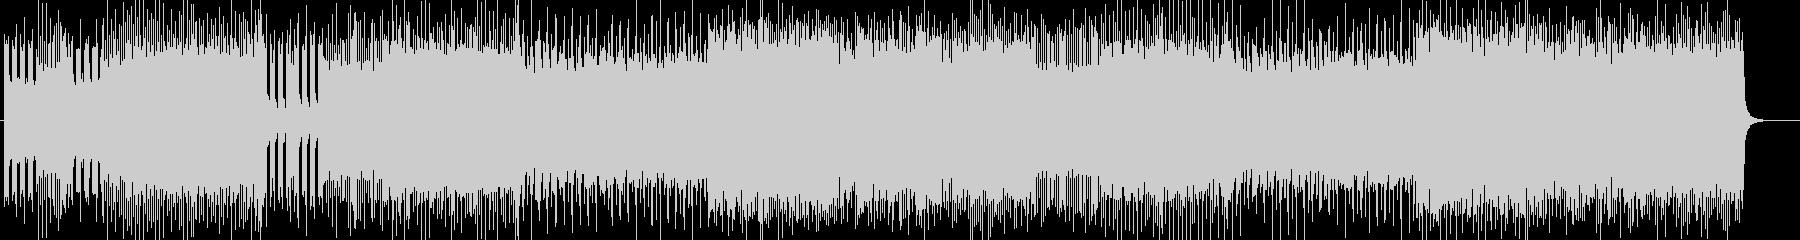 「HEAVY METAL」BGM222の未再生の波形